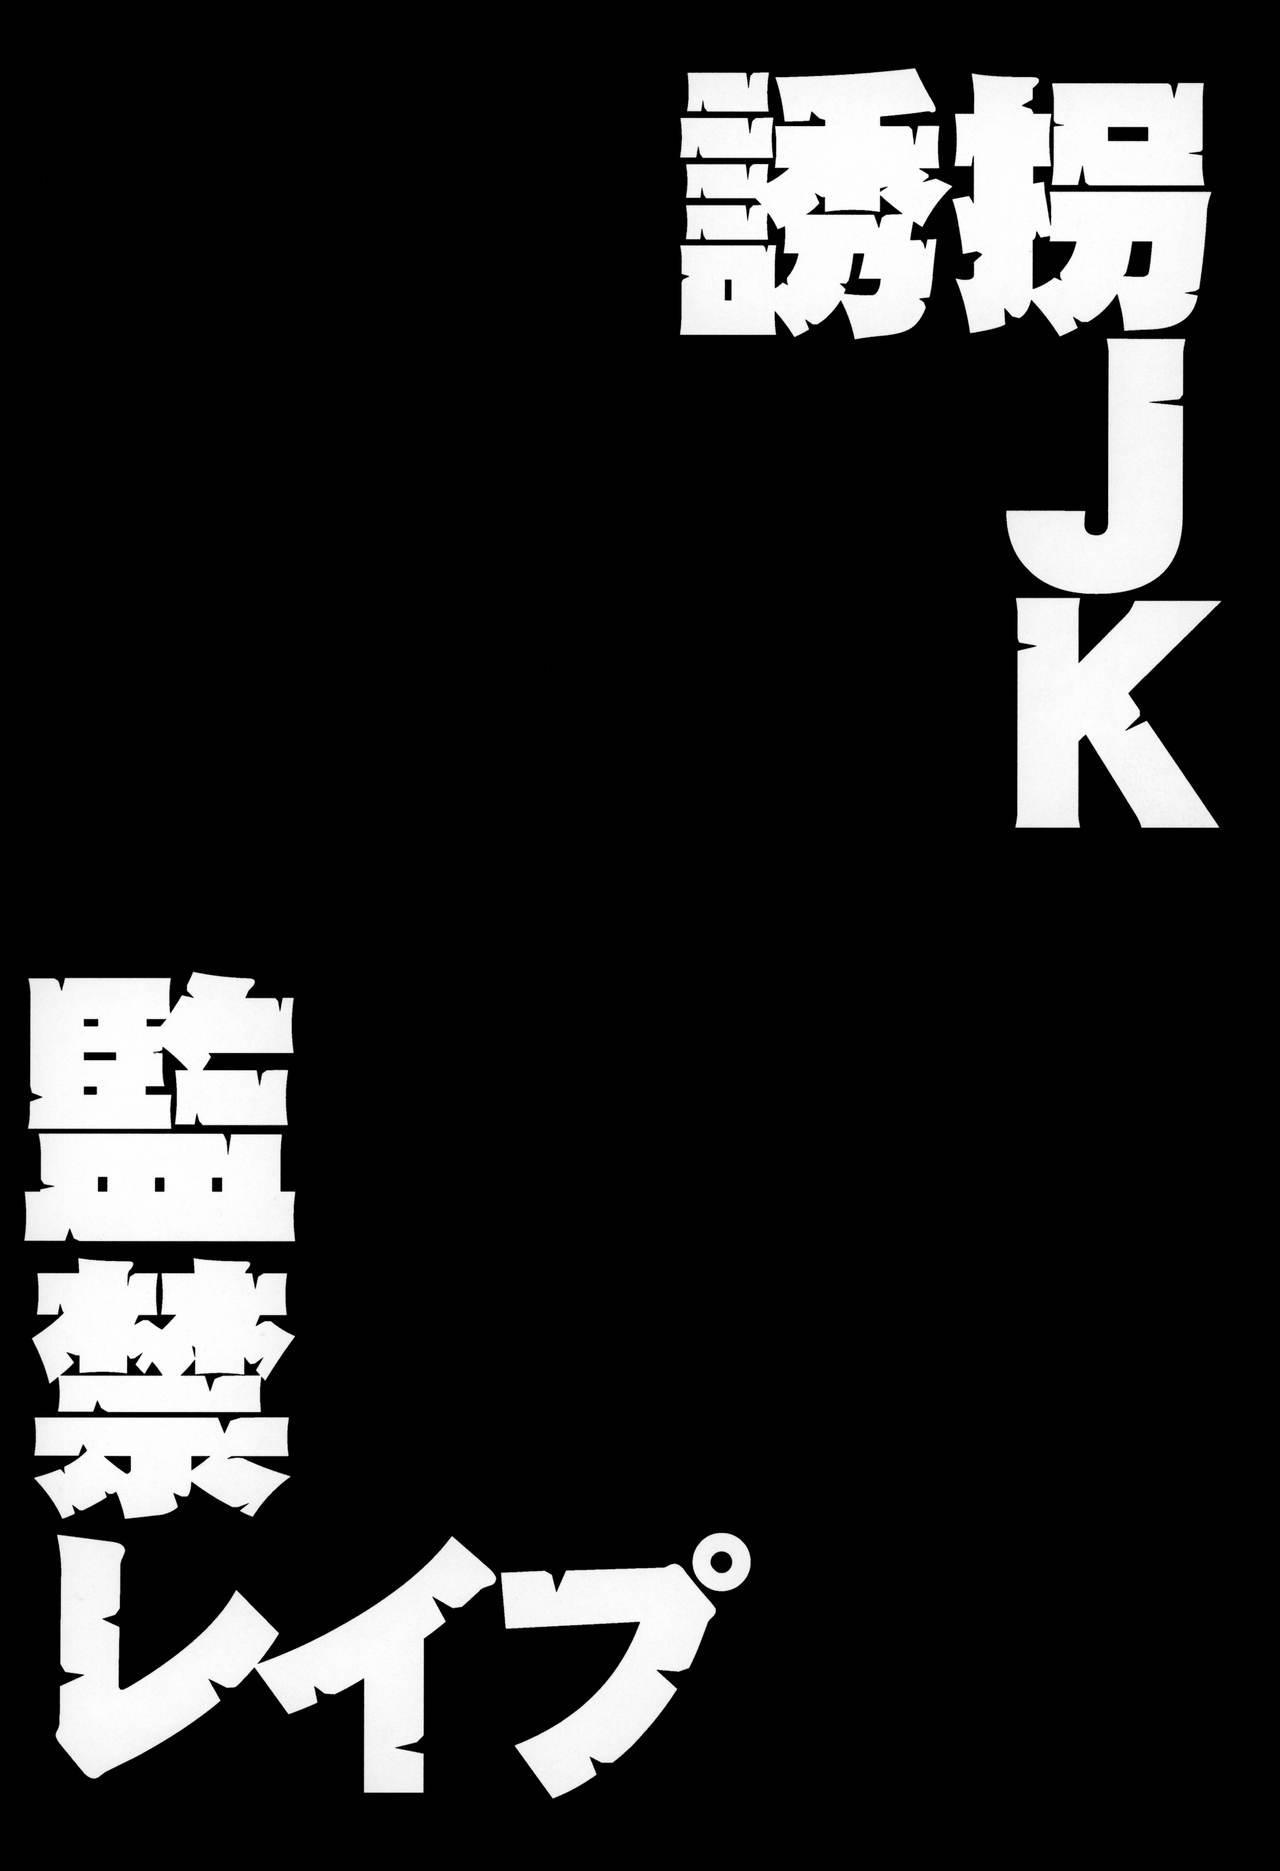 Yuukai JK Kankin Rape 2